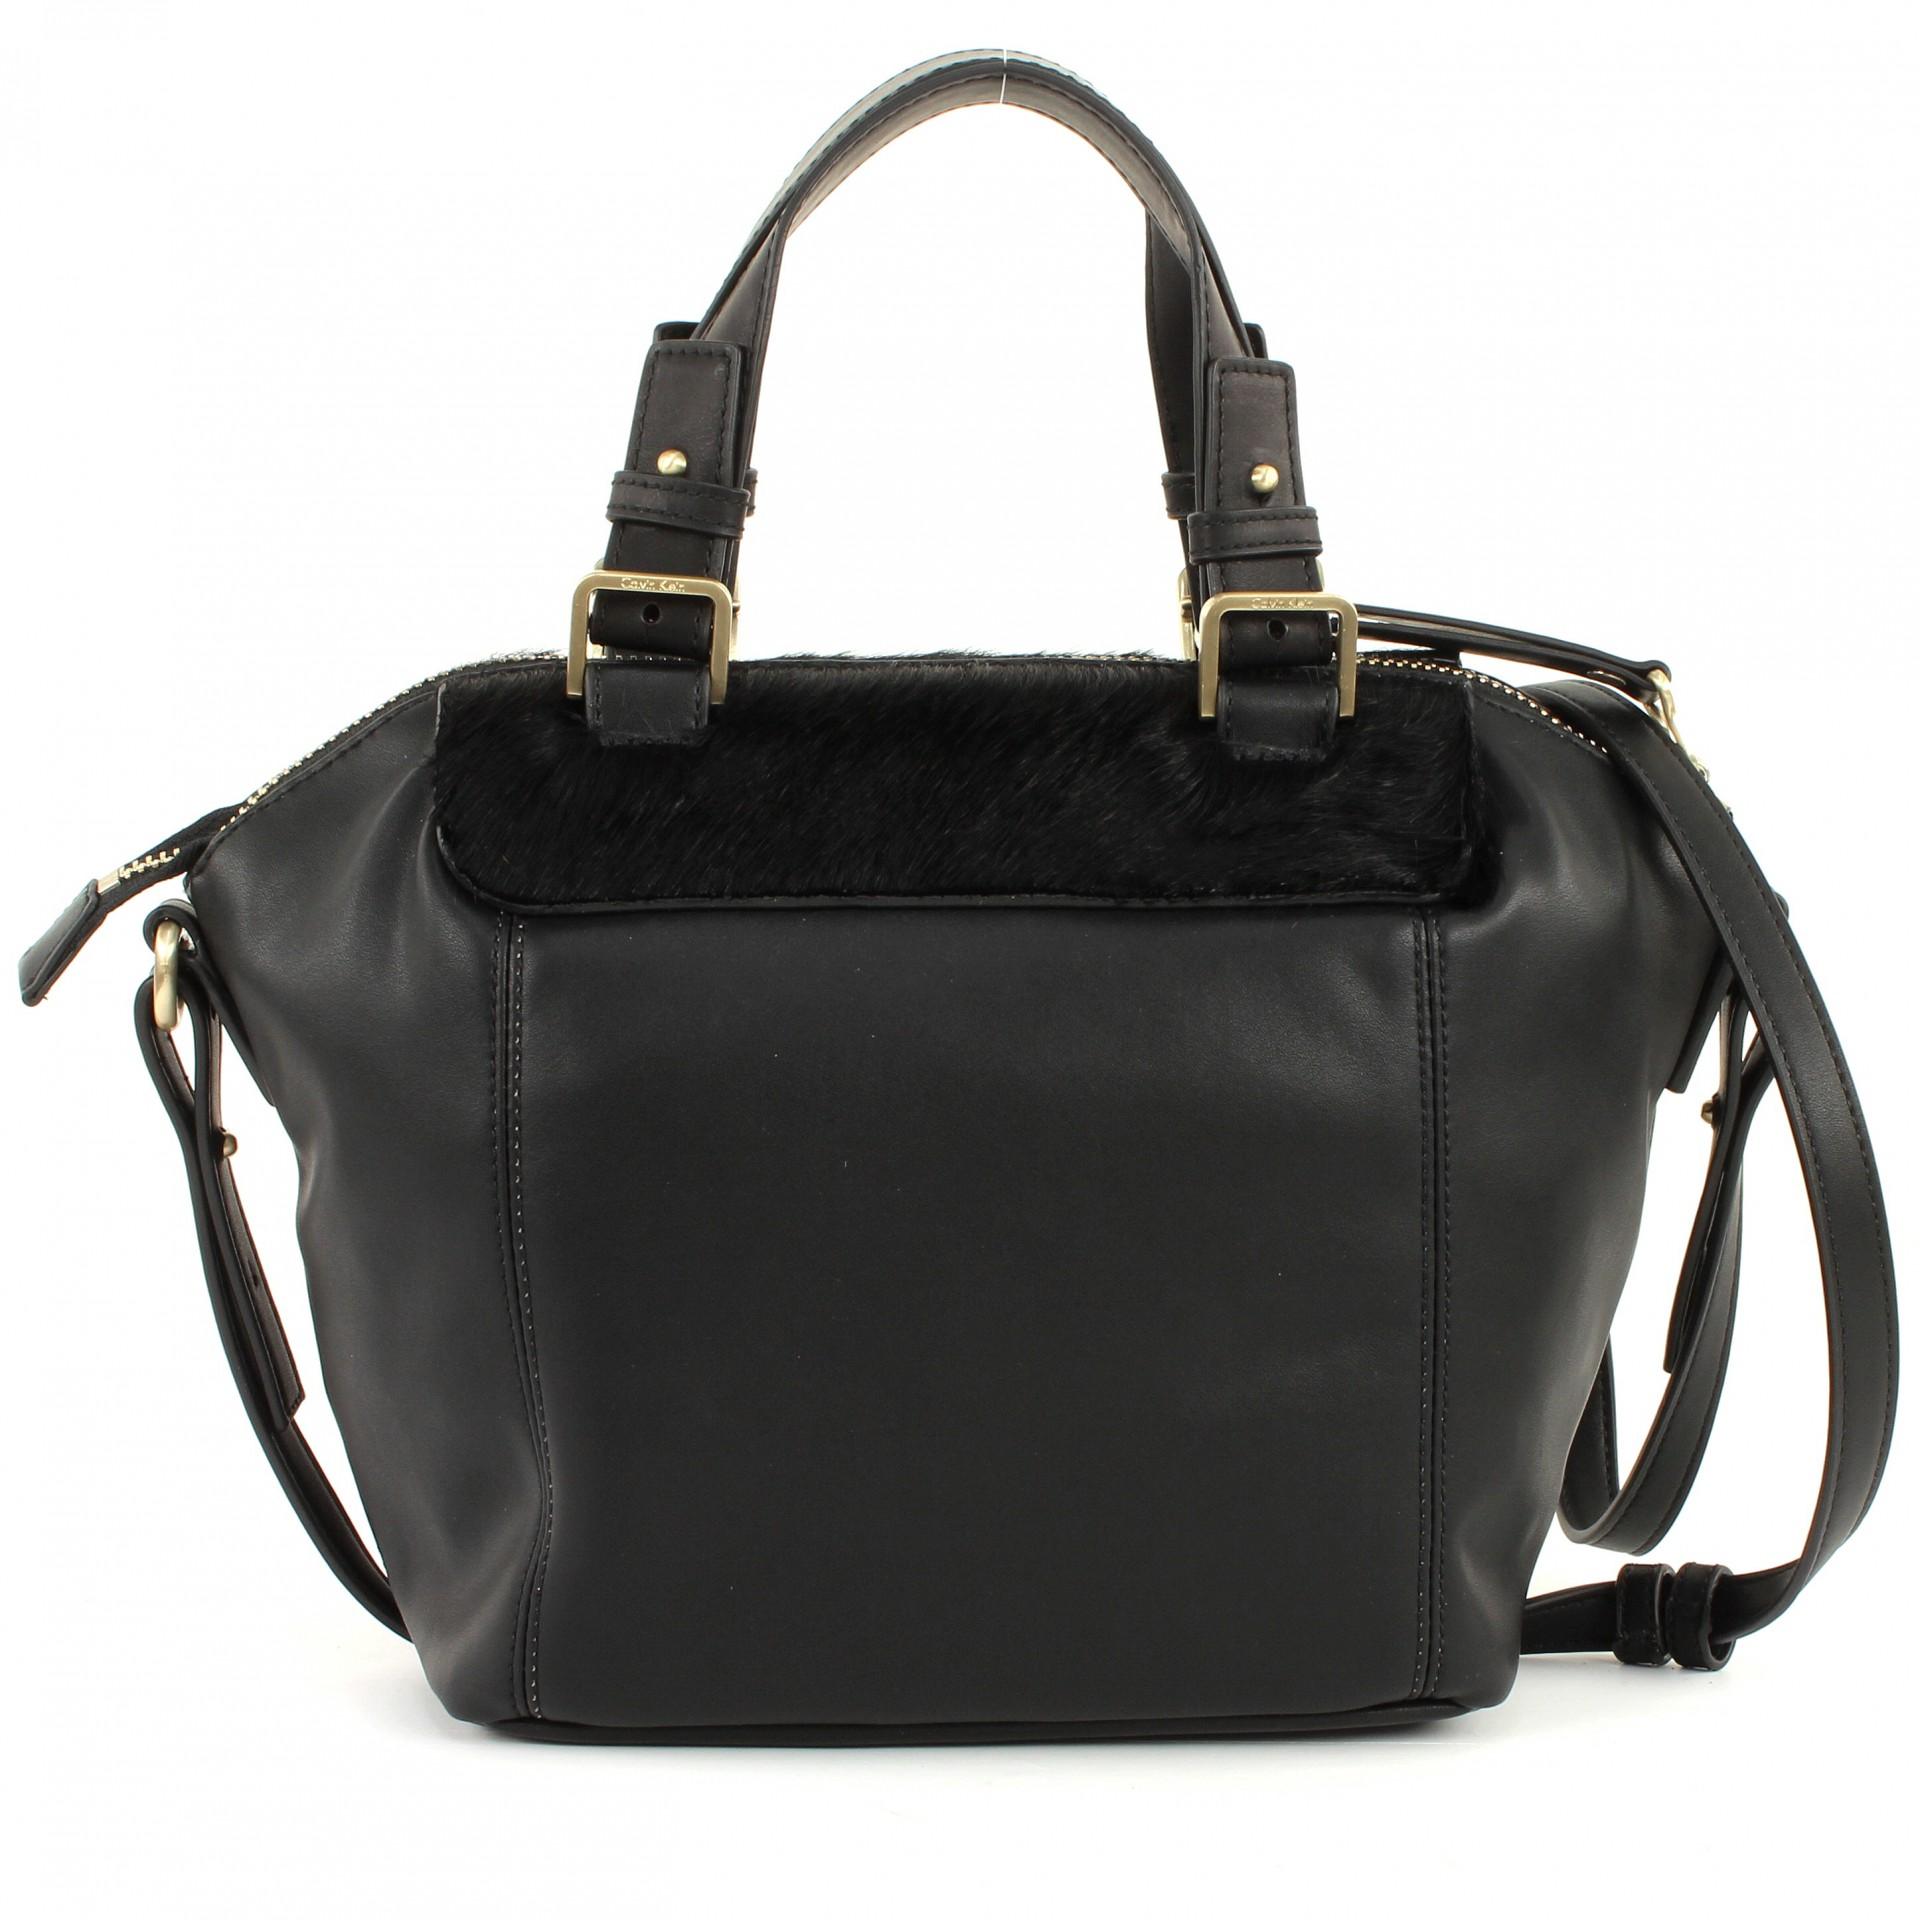 calvin klein faye pony small shopper eine handtasche mit. Black Bedroom Furniture Sets. Home Design Ideas